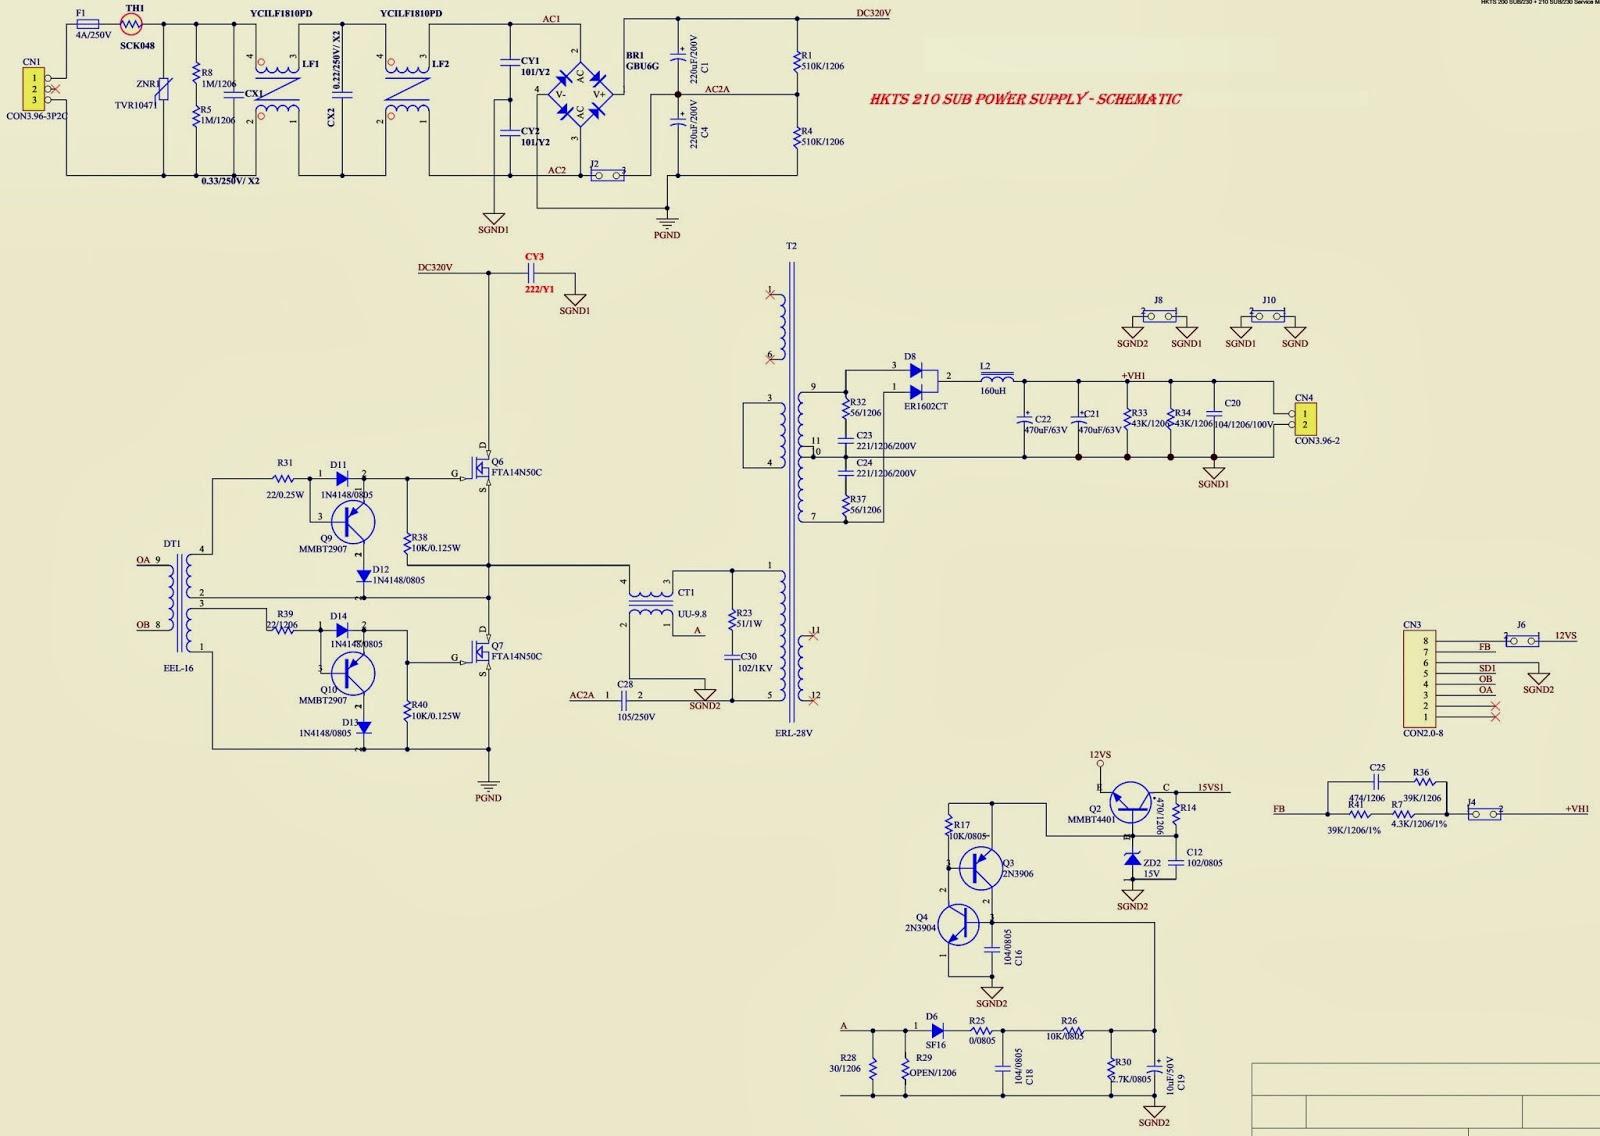 Be 7680 Harman Kardon Wiring Diagram. . Wiring Diagram Harman Kardon Hk Wiring Diagram on